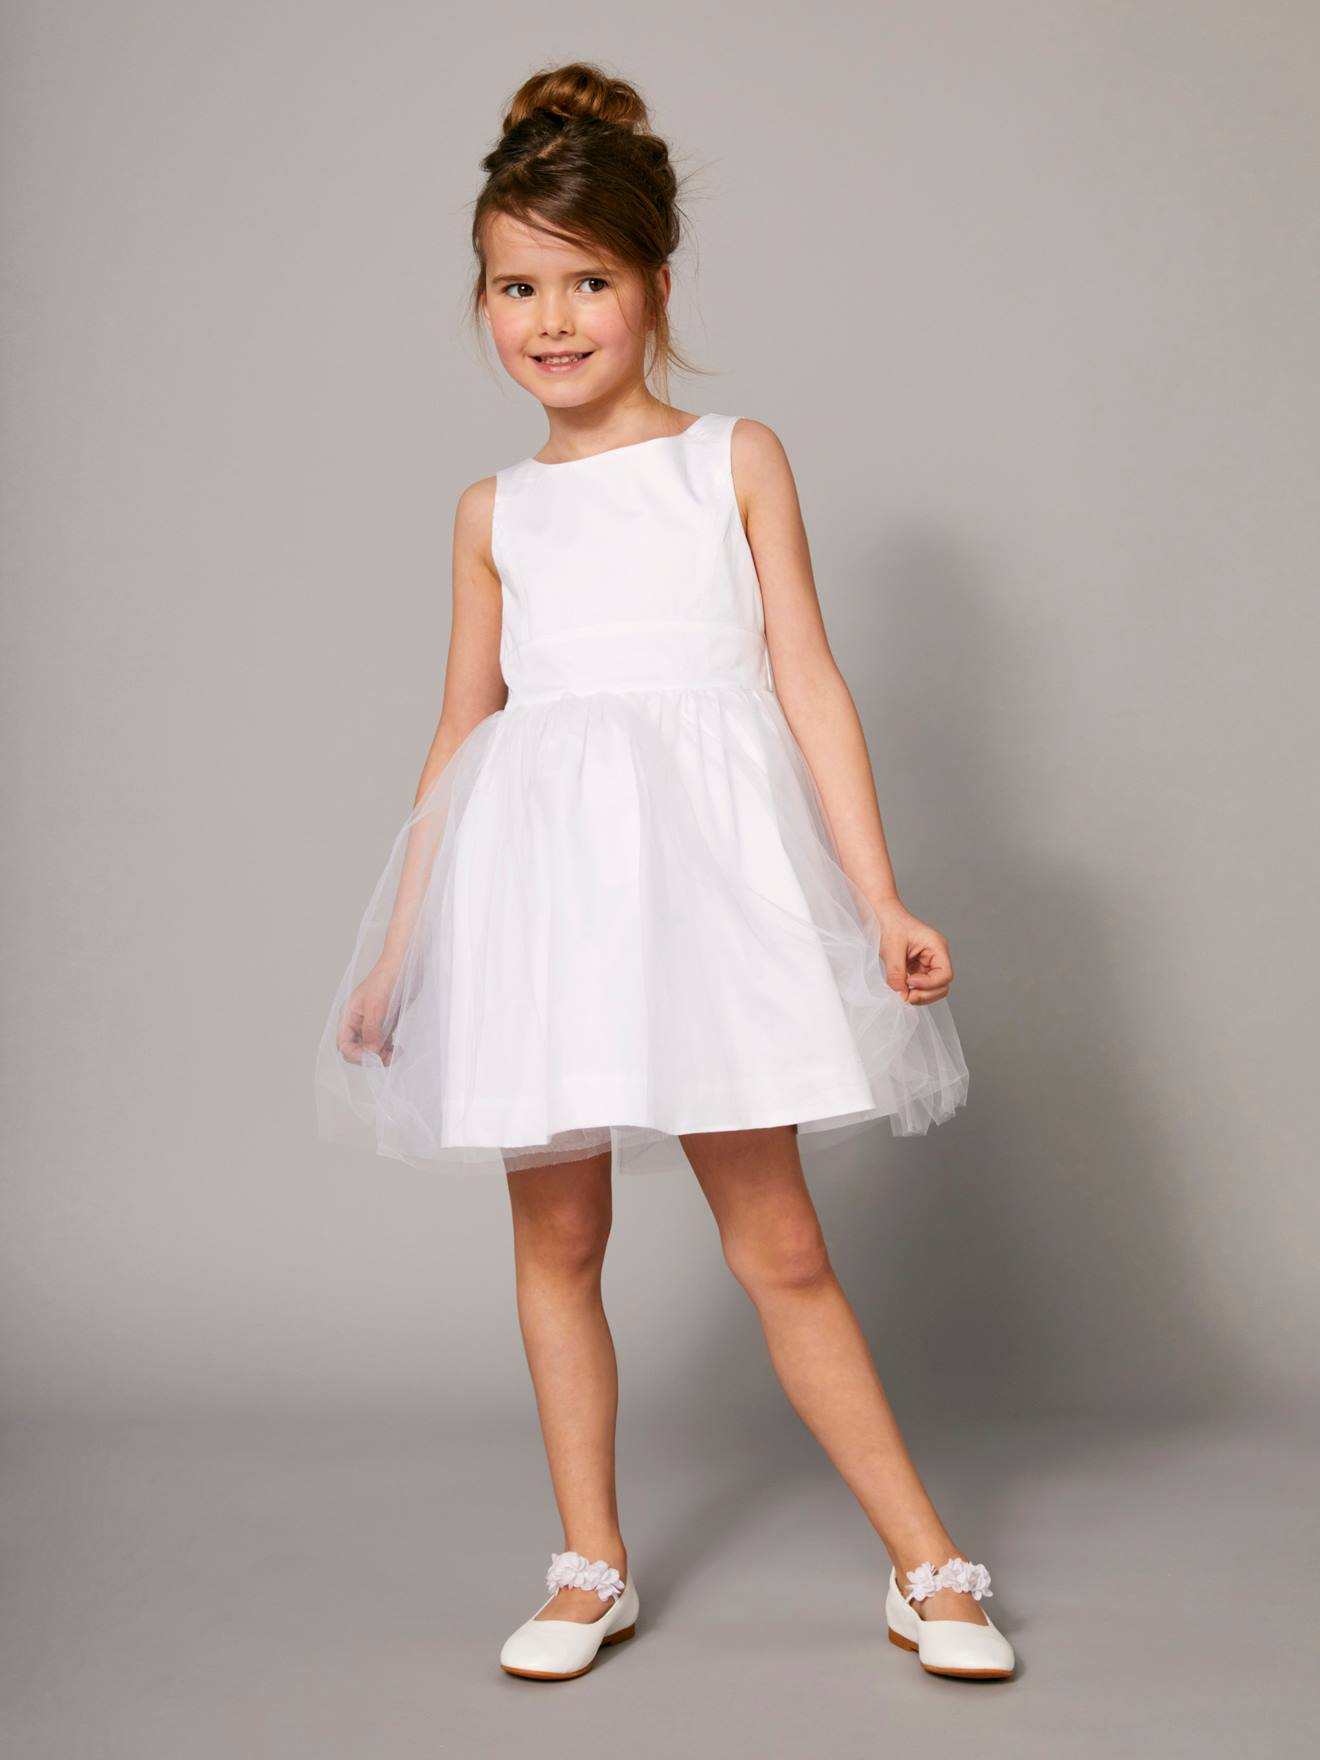 Fille Tulle En Satin Et Blanc De Robe Cérémonie 3c4q5RjLAS